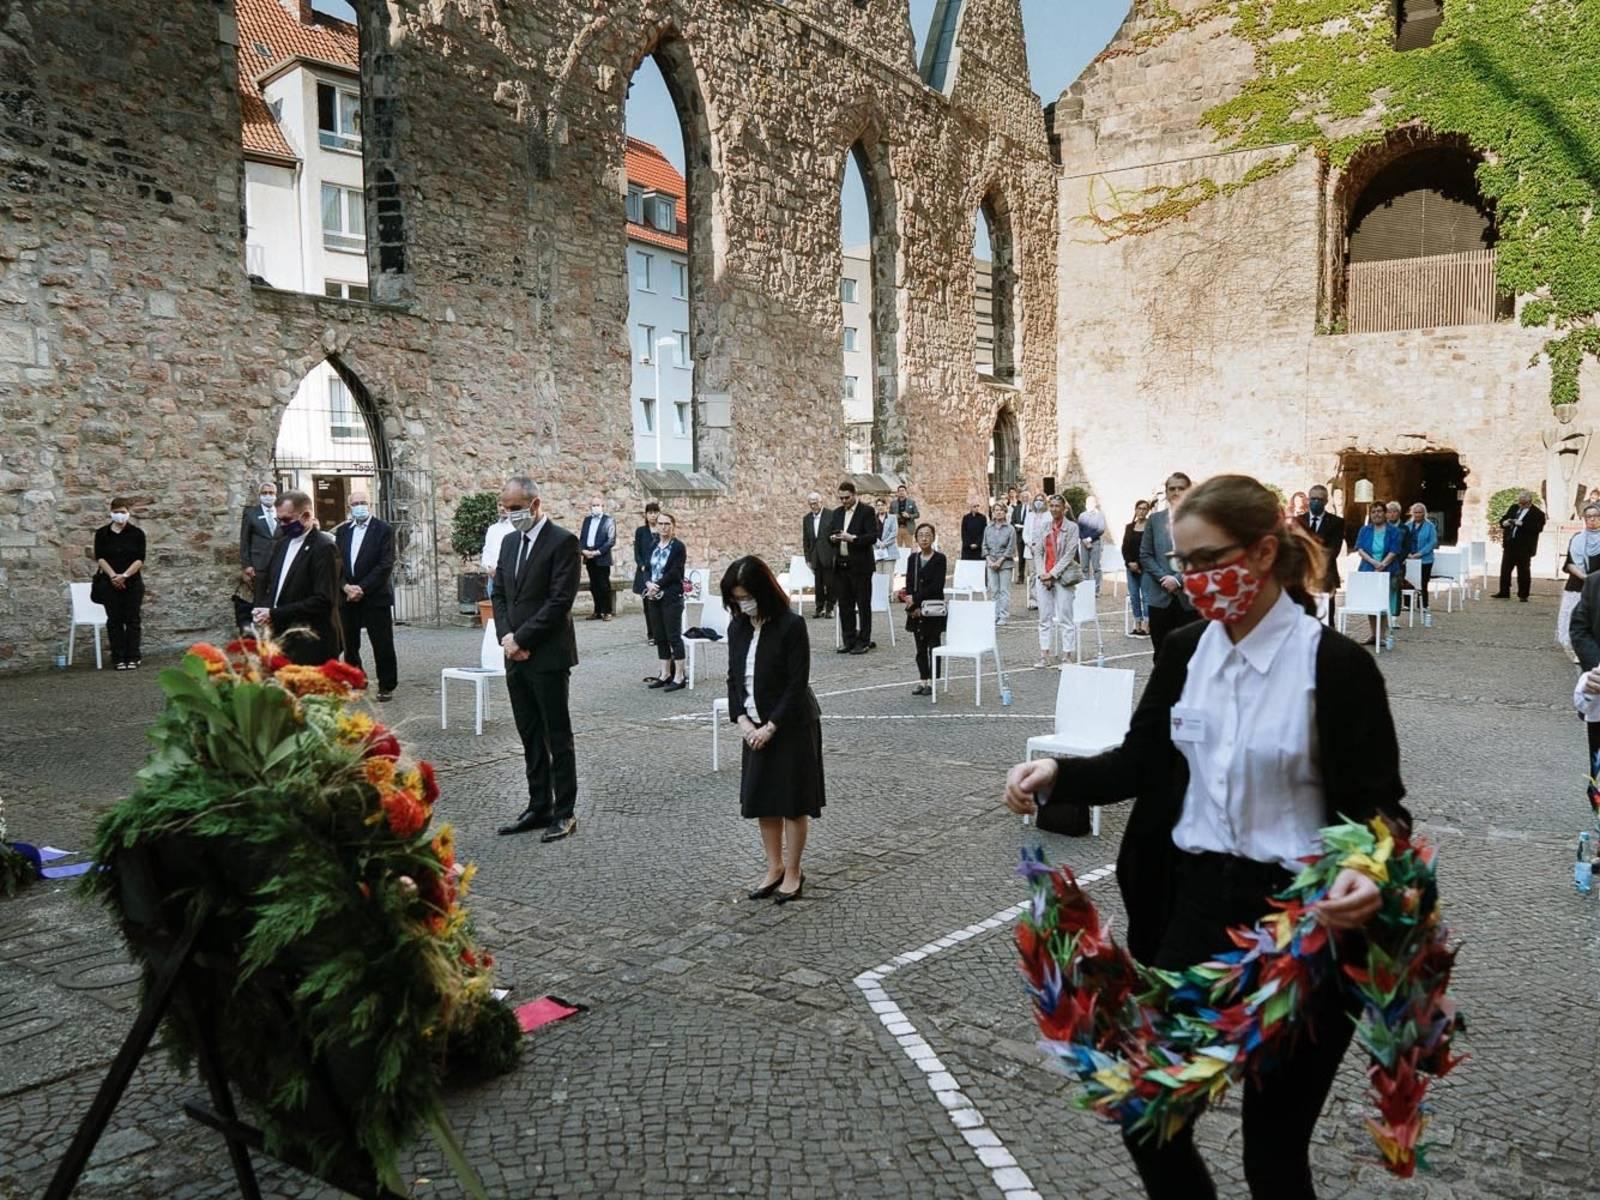 Menschen im Gedenken in den Überresten einer Kirche.